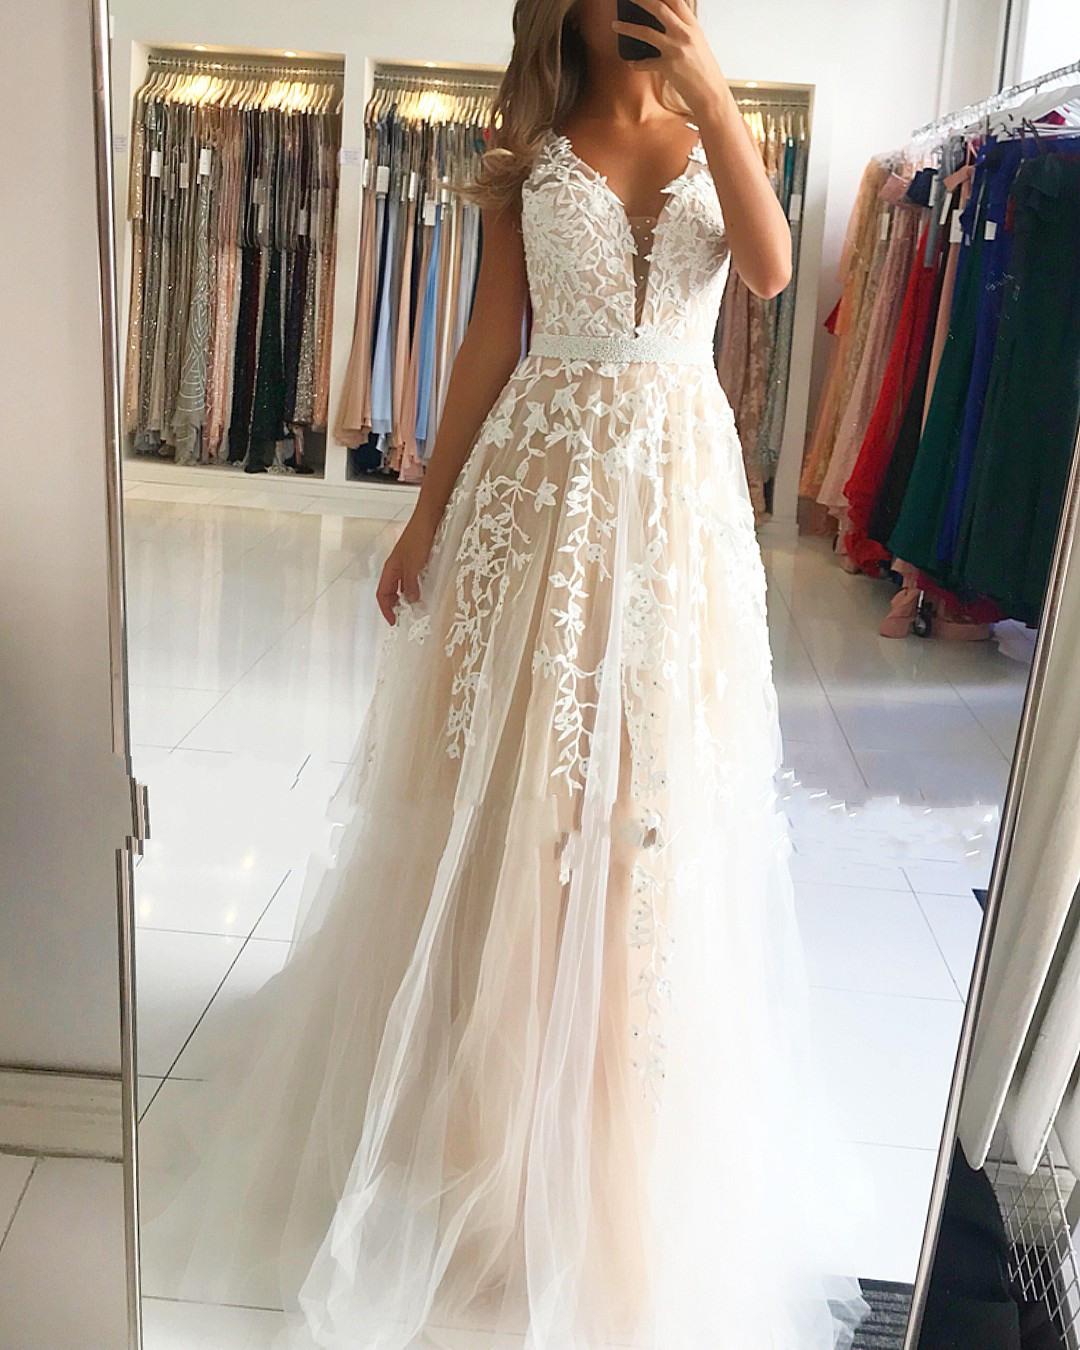 13 Einfach Abend Kleid In Weiss Spezialgebiet20 Ausgezeichnet Abend Kleid In Weiss für 2019